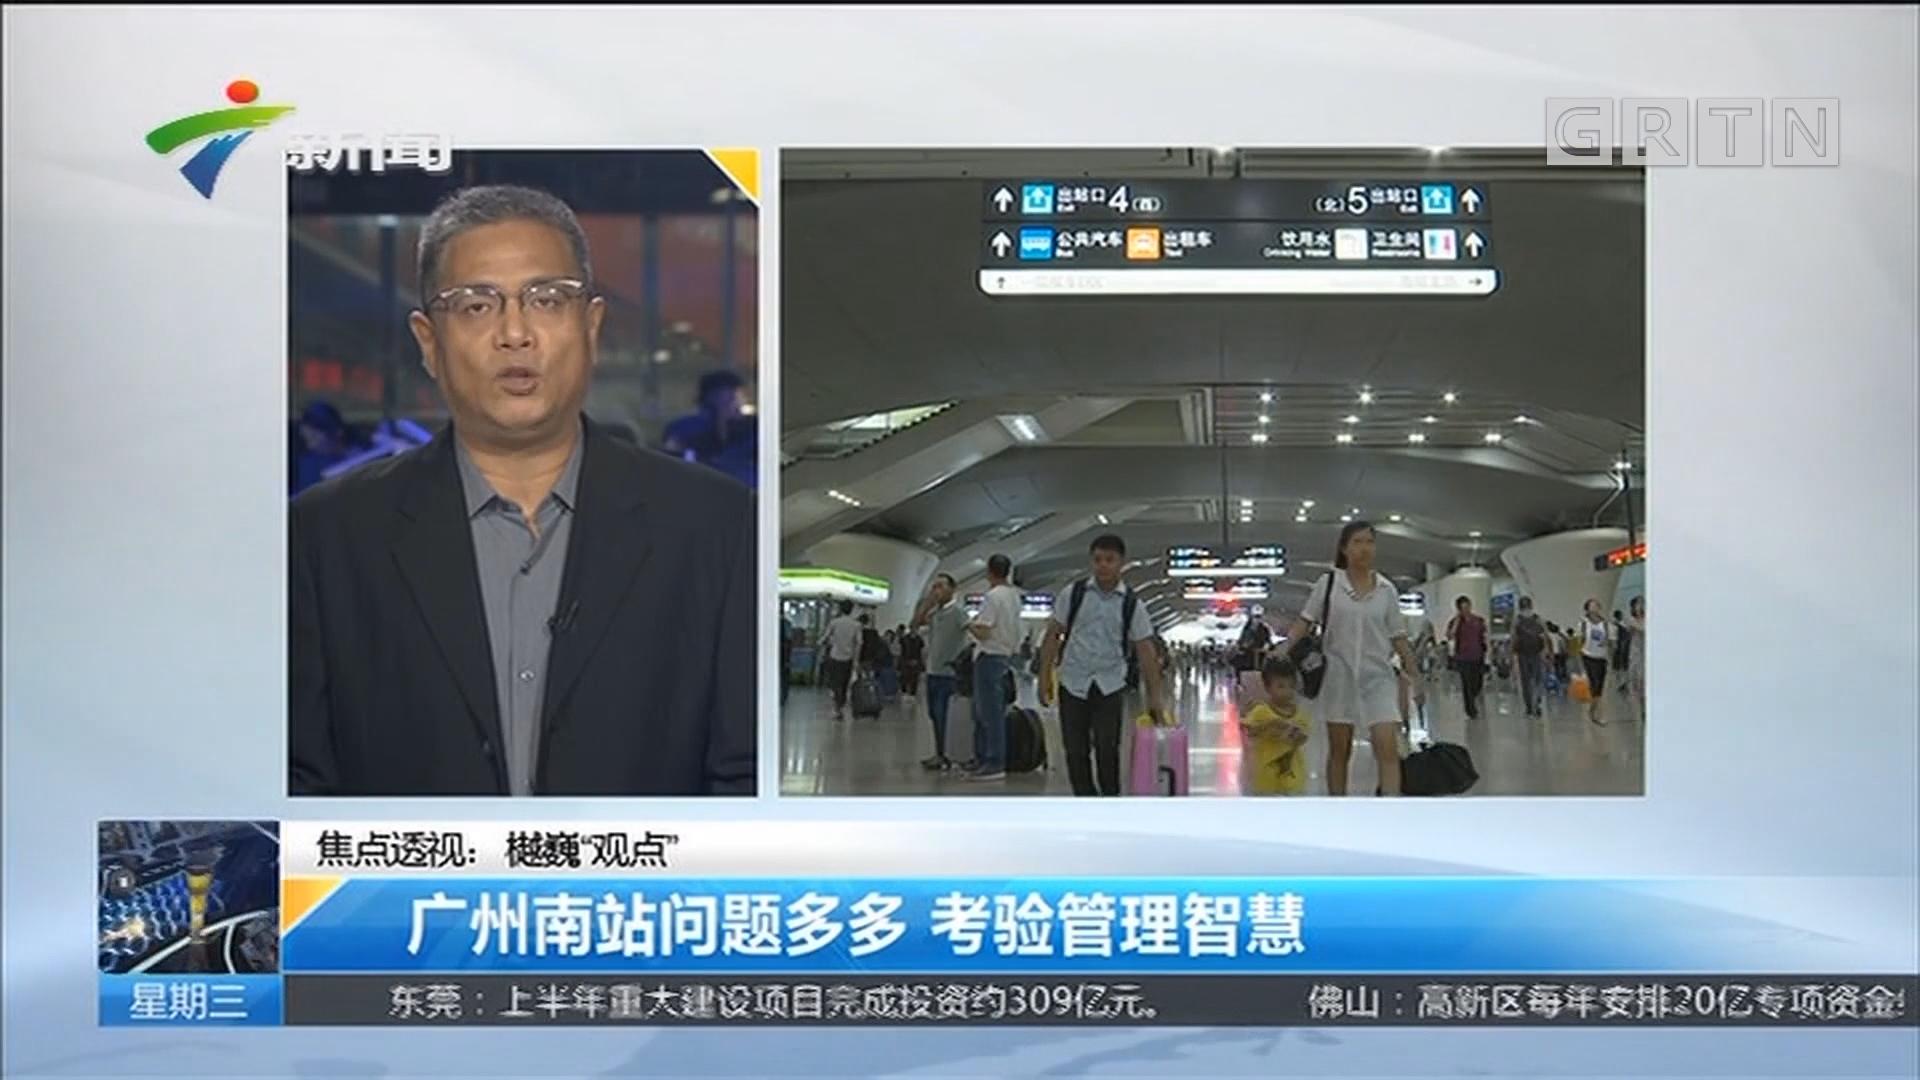 """焦点透视:樾巍""""观点"""" 广州南站问题多多 考验管理智慧"""